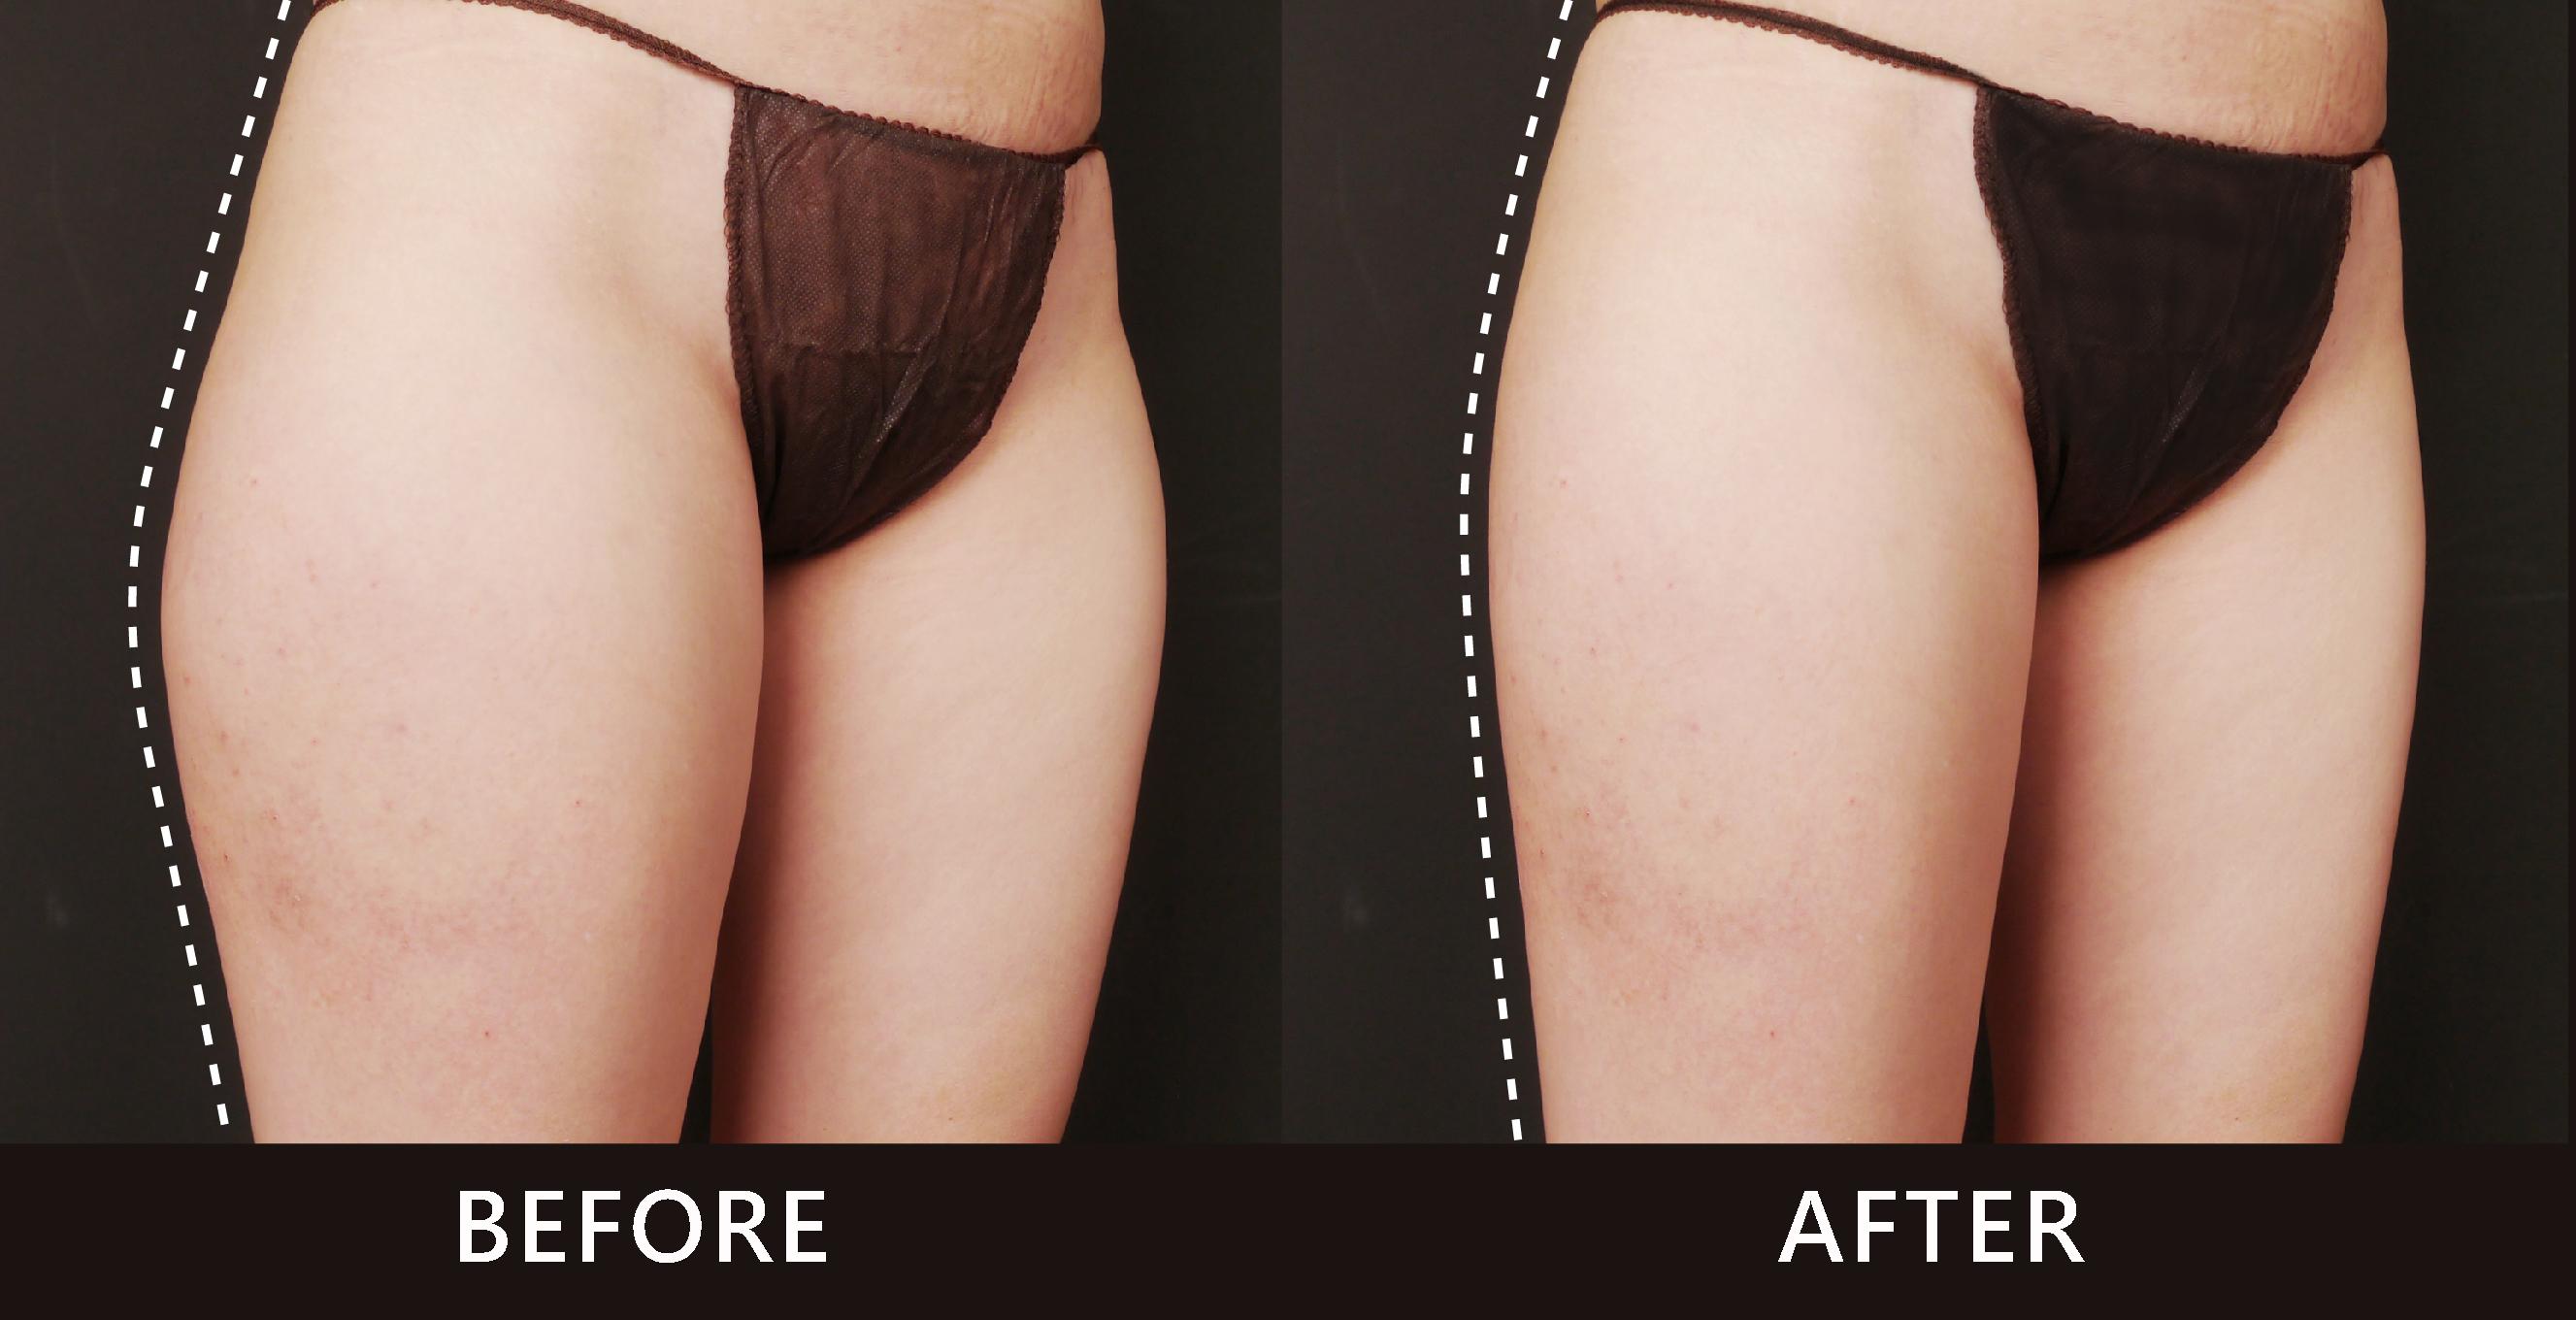 大腿外側線條因冷凍減脂療效進而修飾了,外側曲線,變得直順。(效果因個案而異)